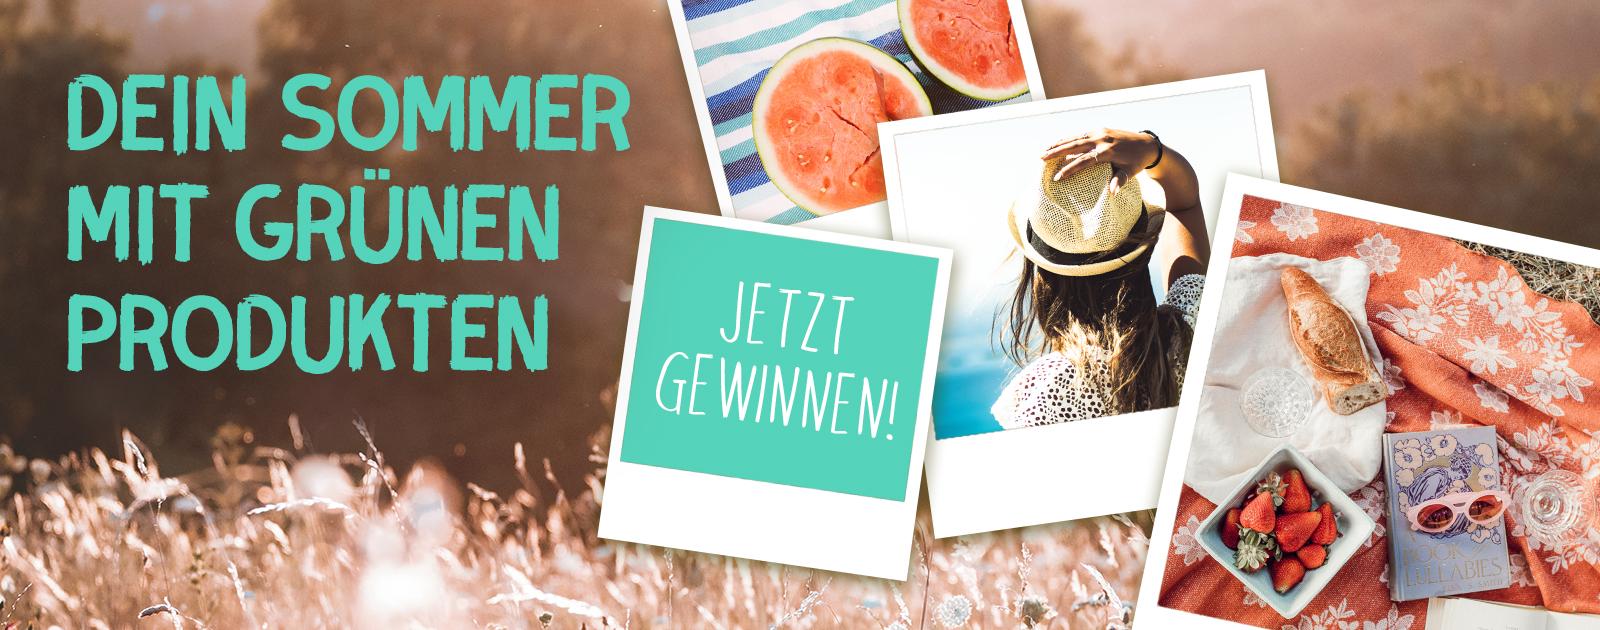 Sommer Gewinnspiel grüne Produkte entdecken und gewinnen